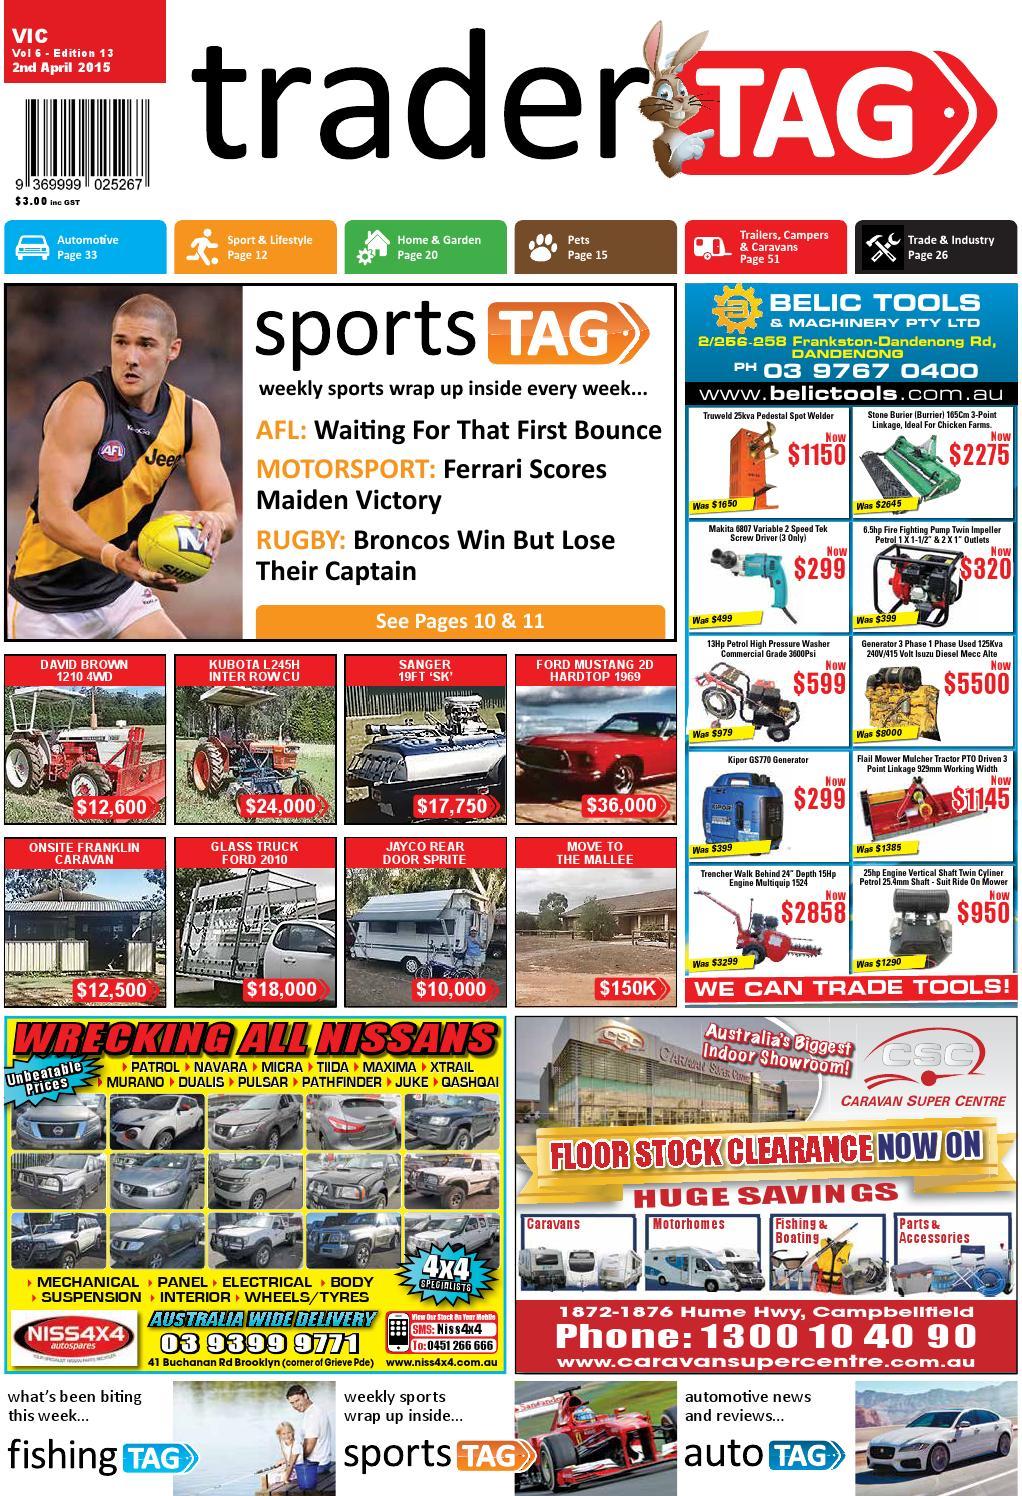 a7244f82b1e80 TraderTAG Victoria - Edition 13 - 2015 by TraderTAG Design - issuu